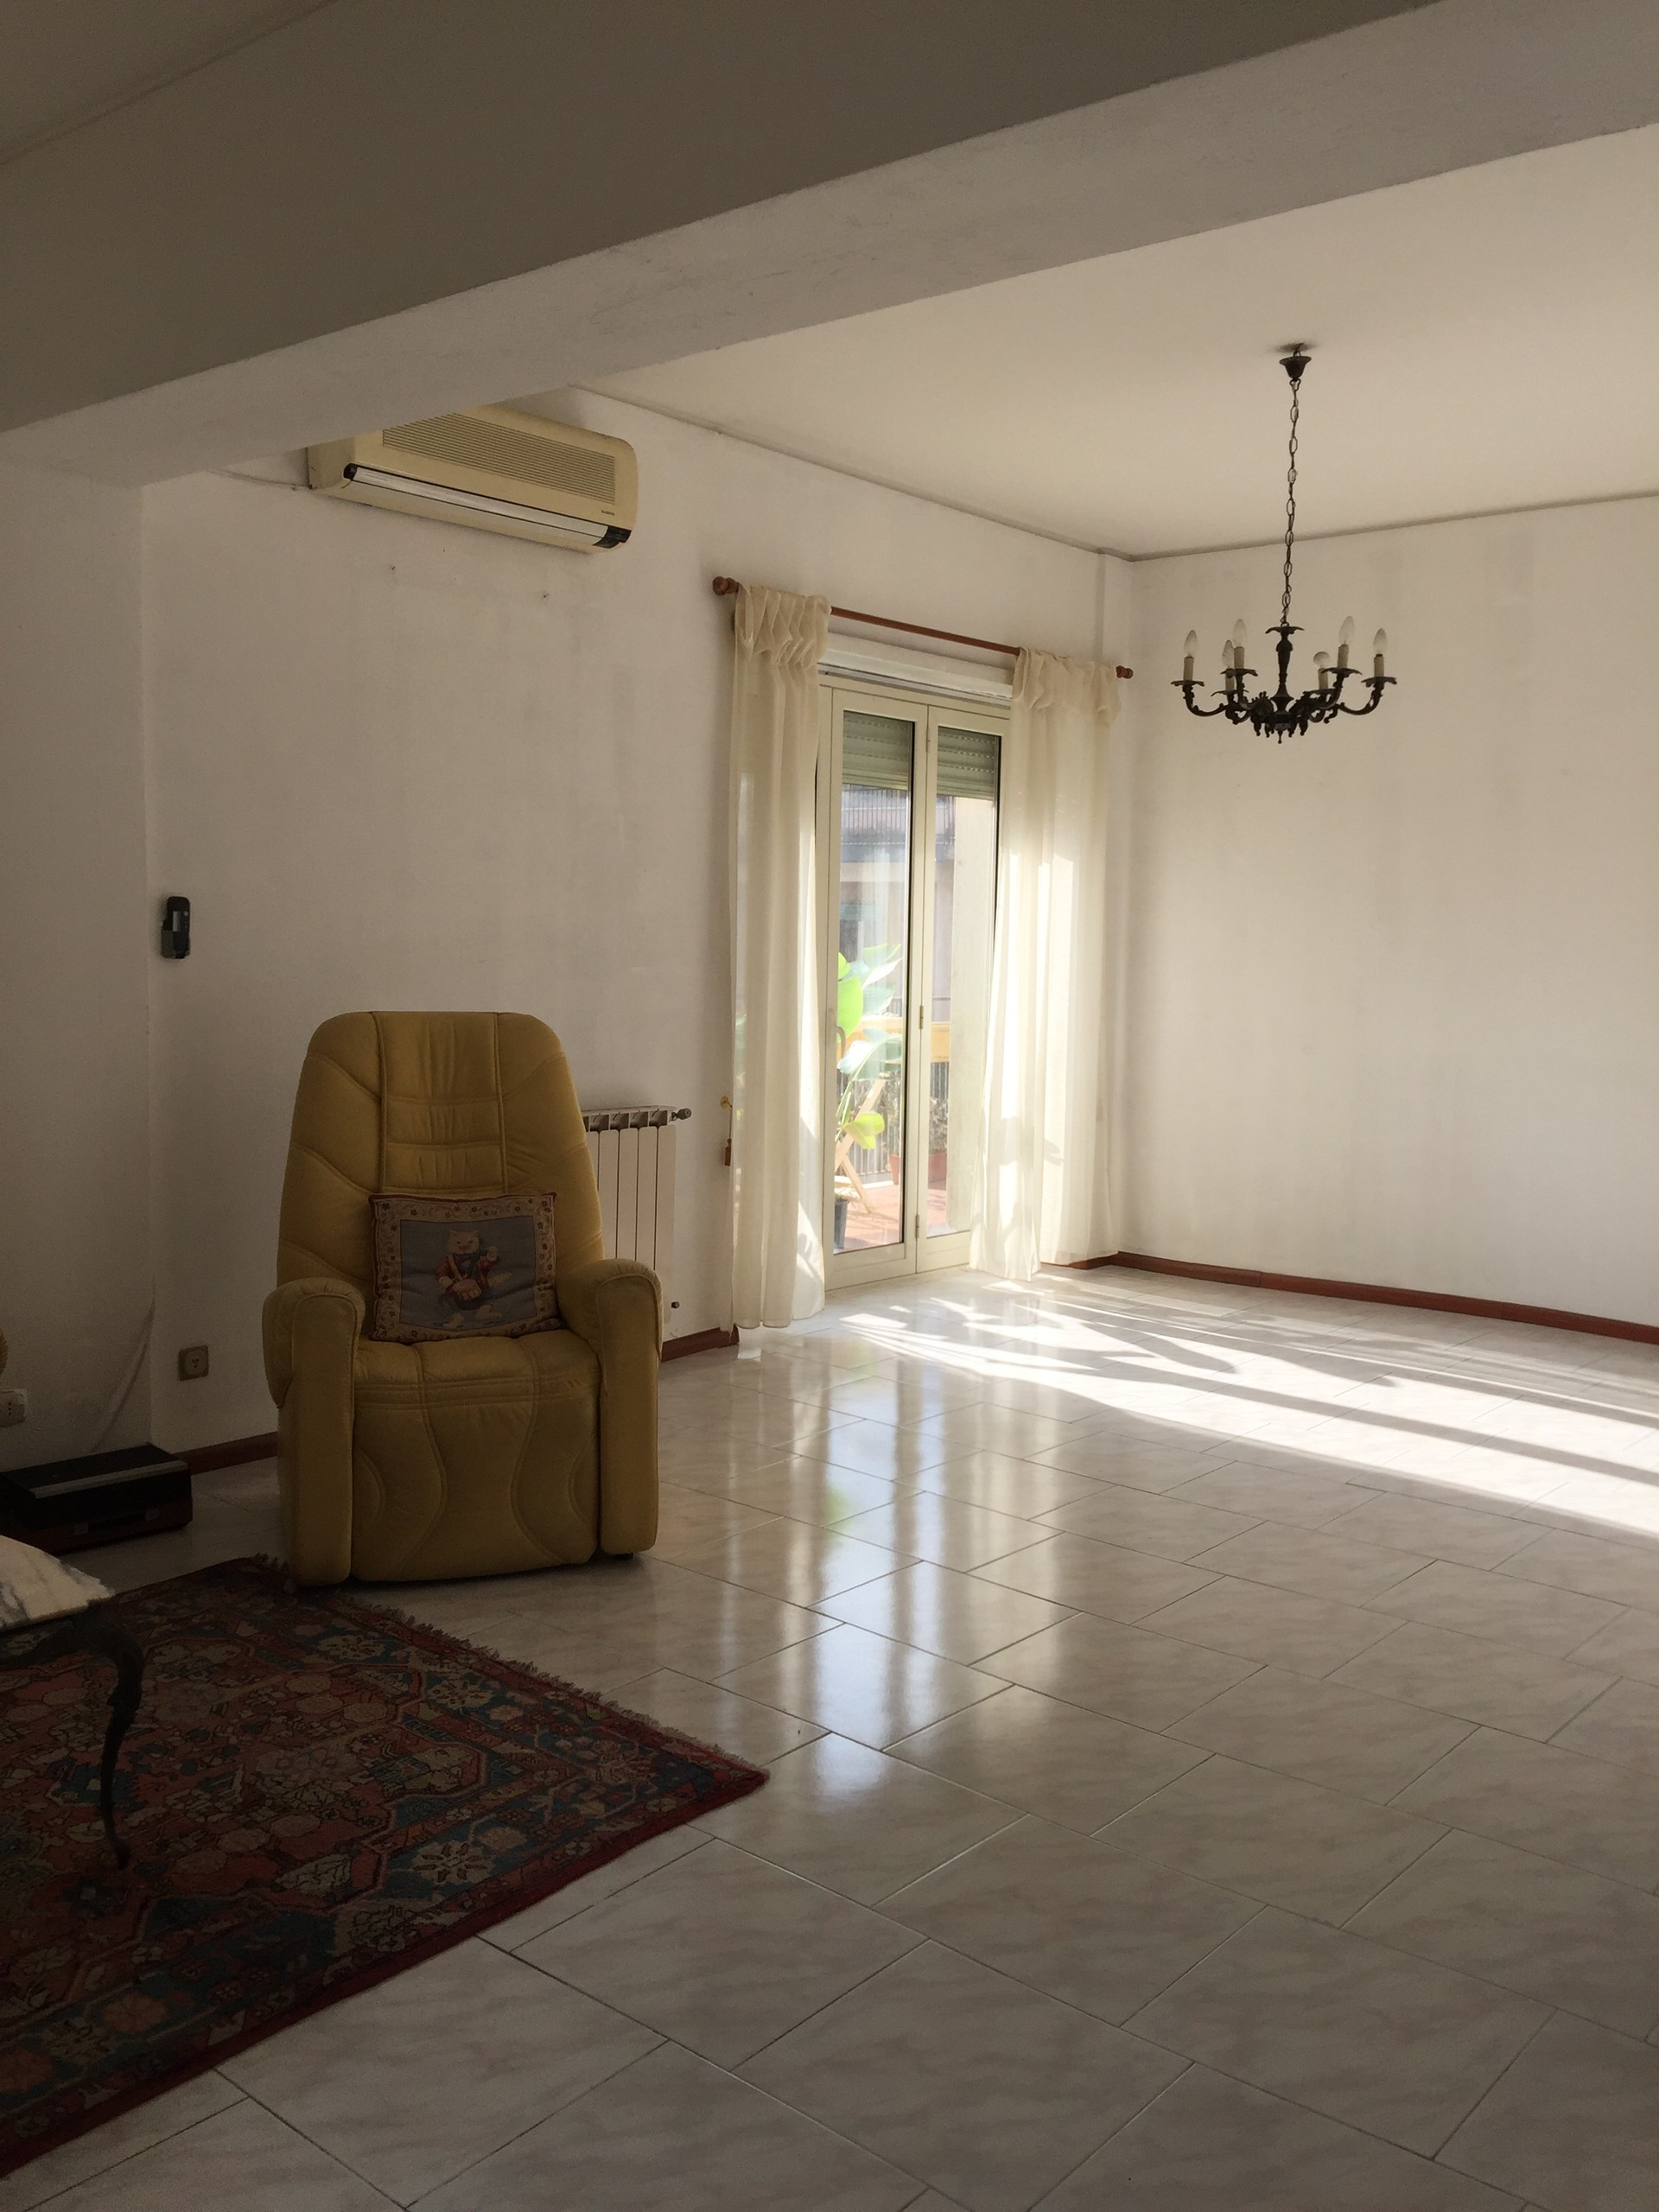 appartamento-stanze-letto-terrazza-livello-panoramica-cucina-condizionatori-zona-centrale-piano-alto-6fd20f39255e76ff79462def215554df